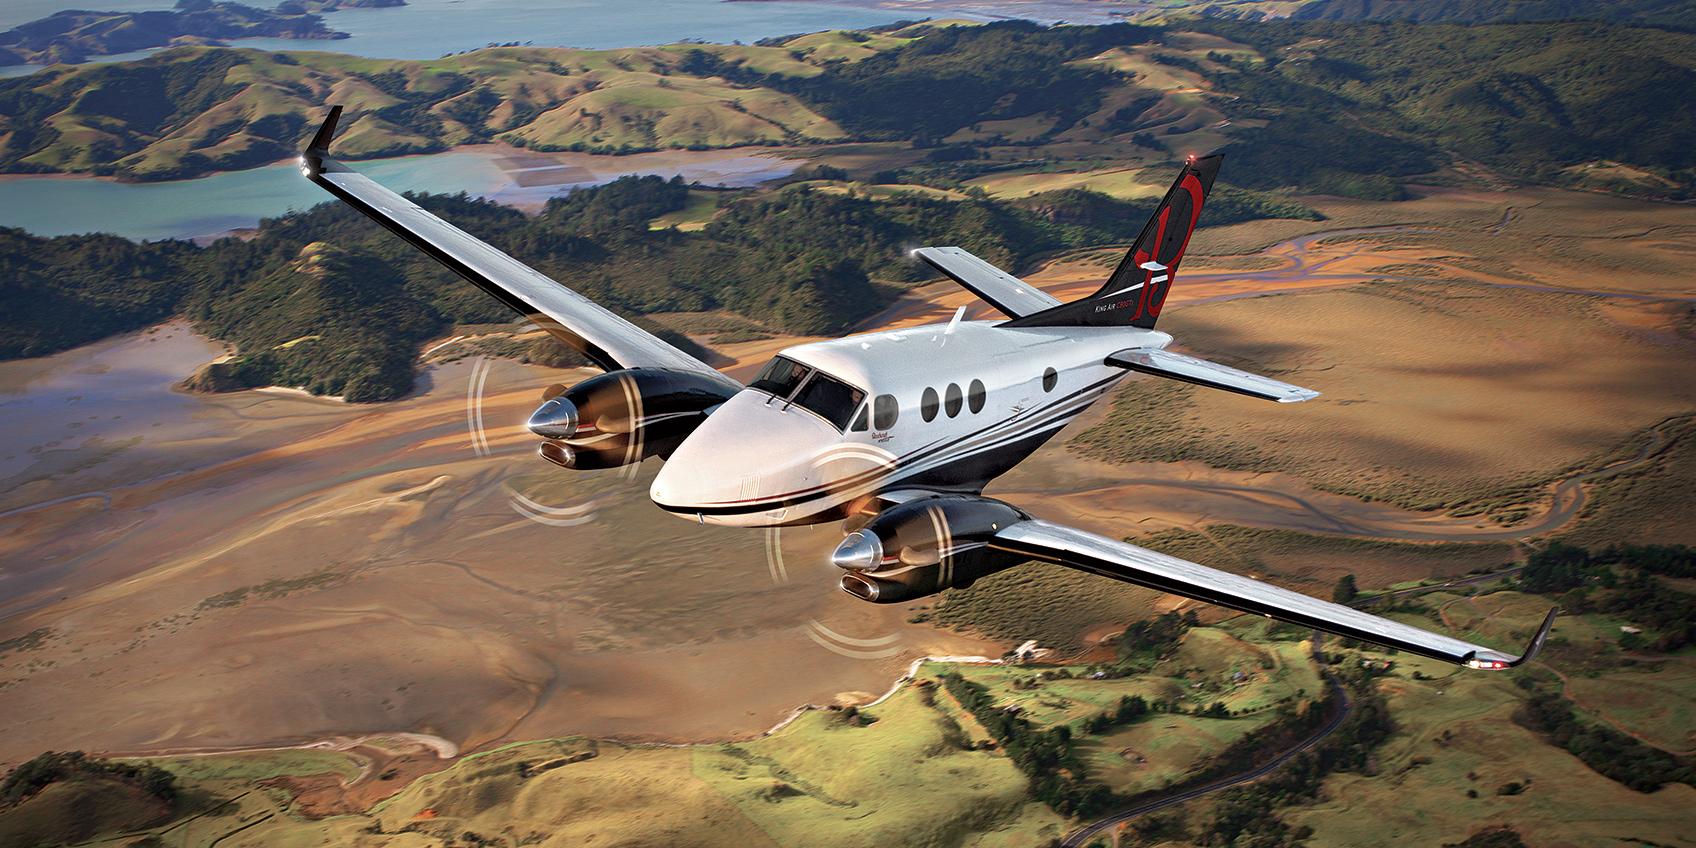 King Air C90GTx charter